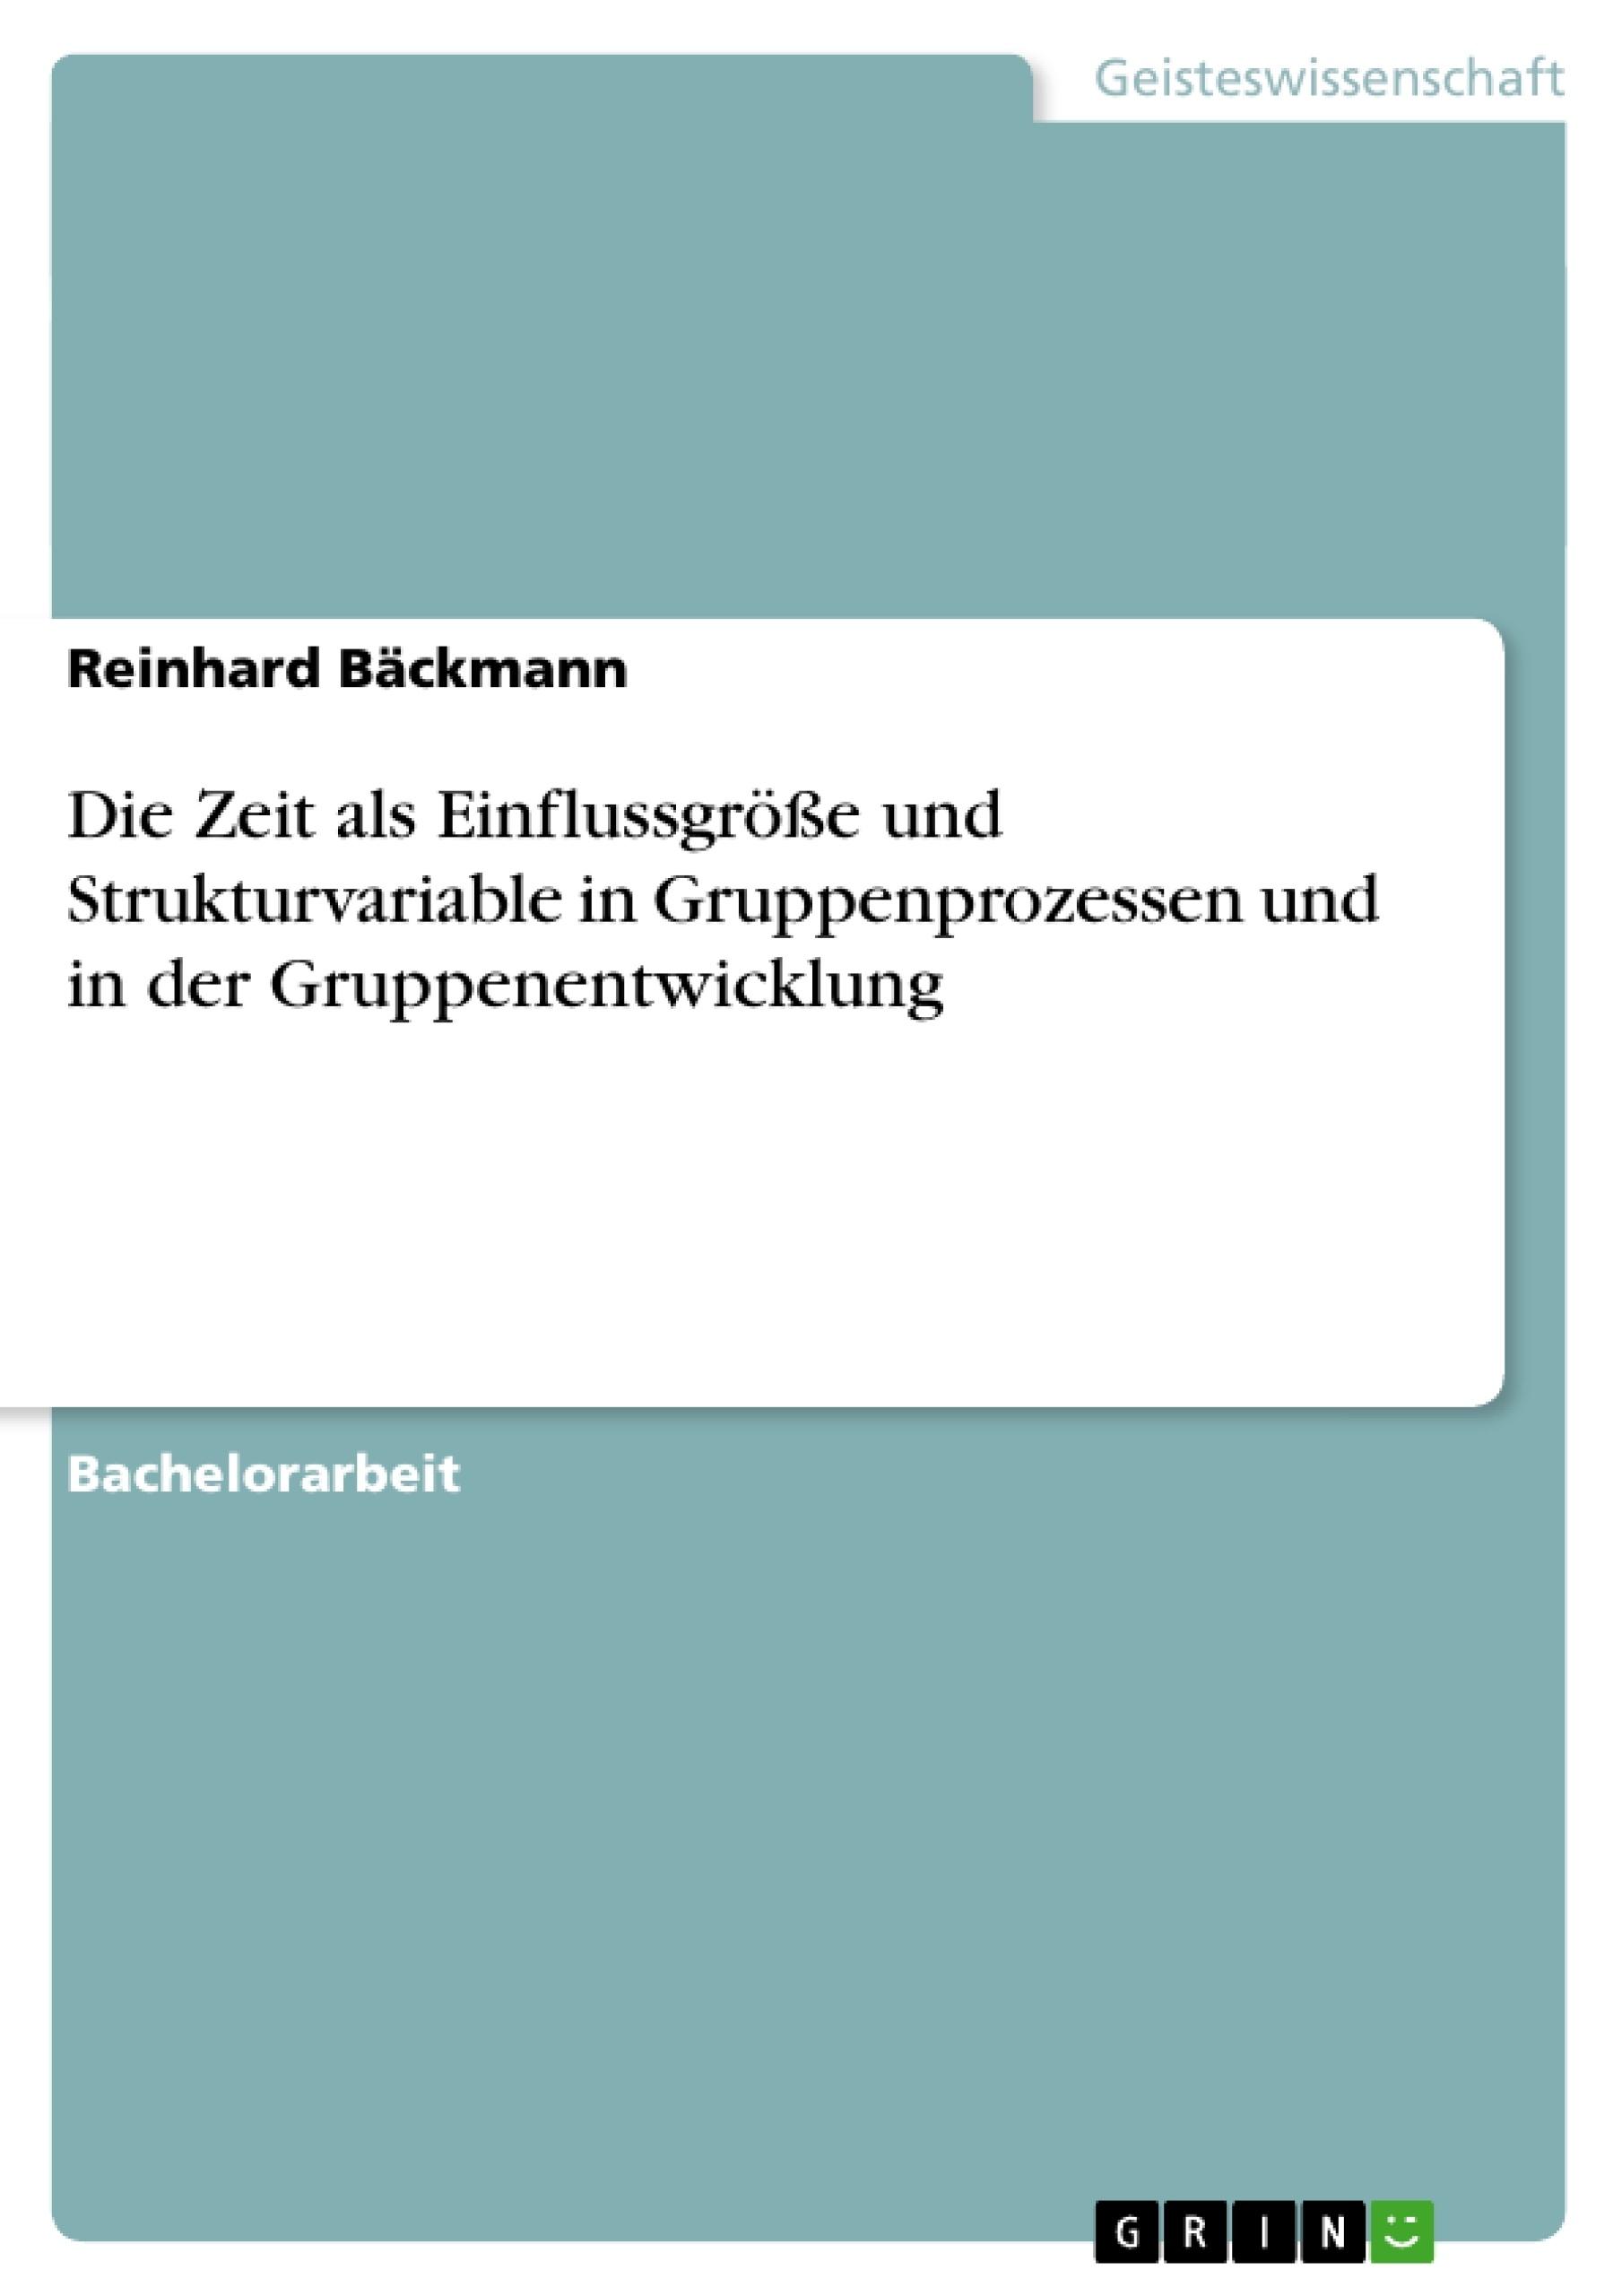 Titel: Die Zeit als Einflussgröße und Strukturvariable in Gruppenprozessen und in der Gruppenentwicklung